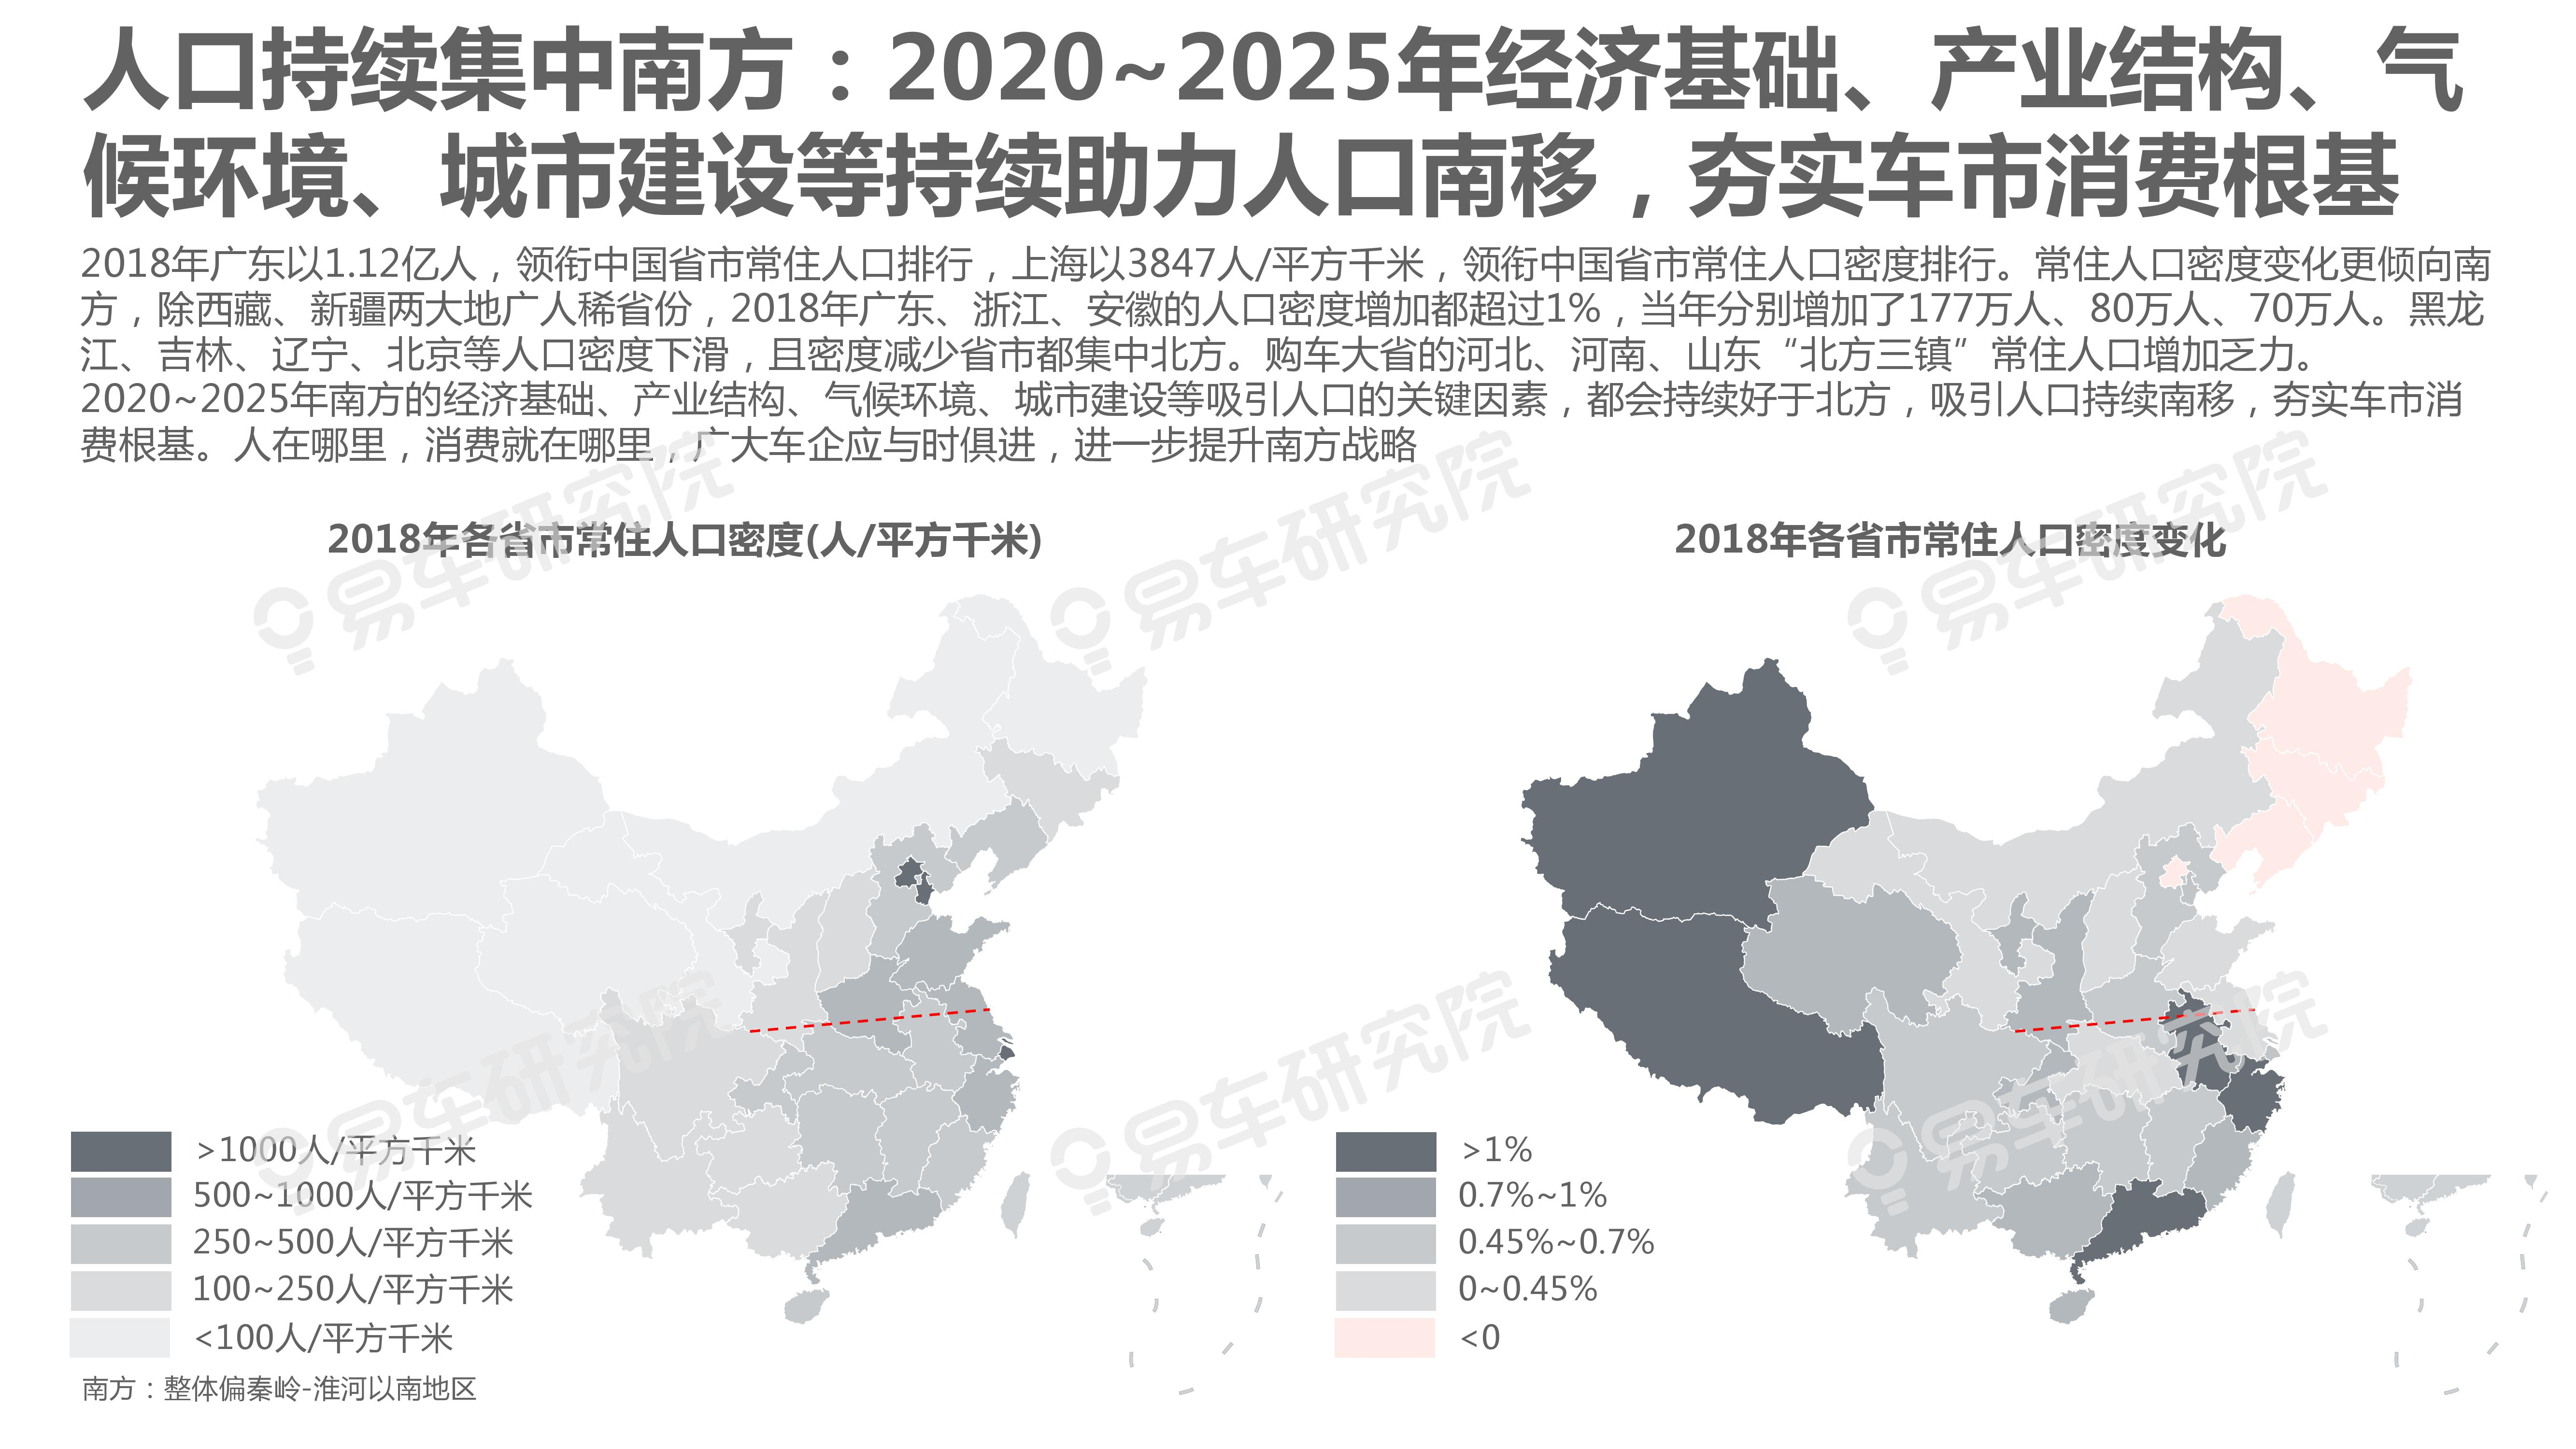 """2020-2025年城市:区域洞察报告—车企急需构建""""战略矩阵""""(可下载报告)插图(17)"""